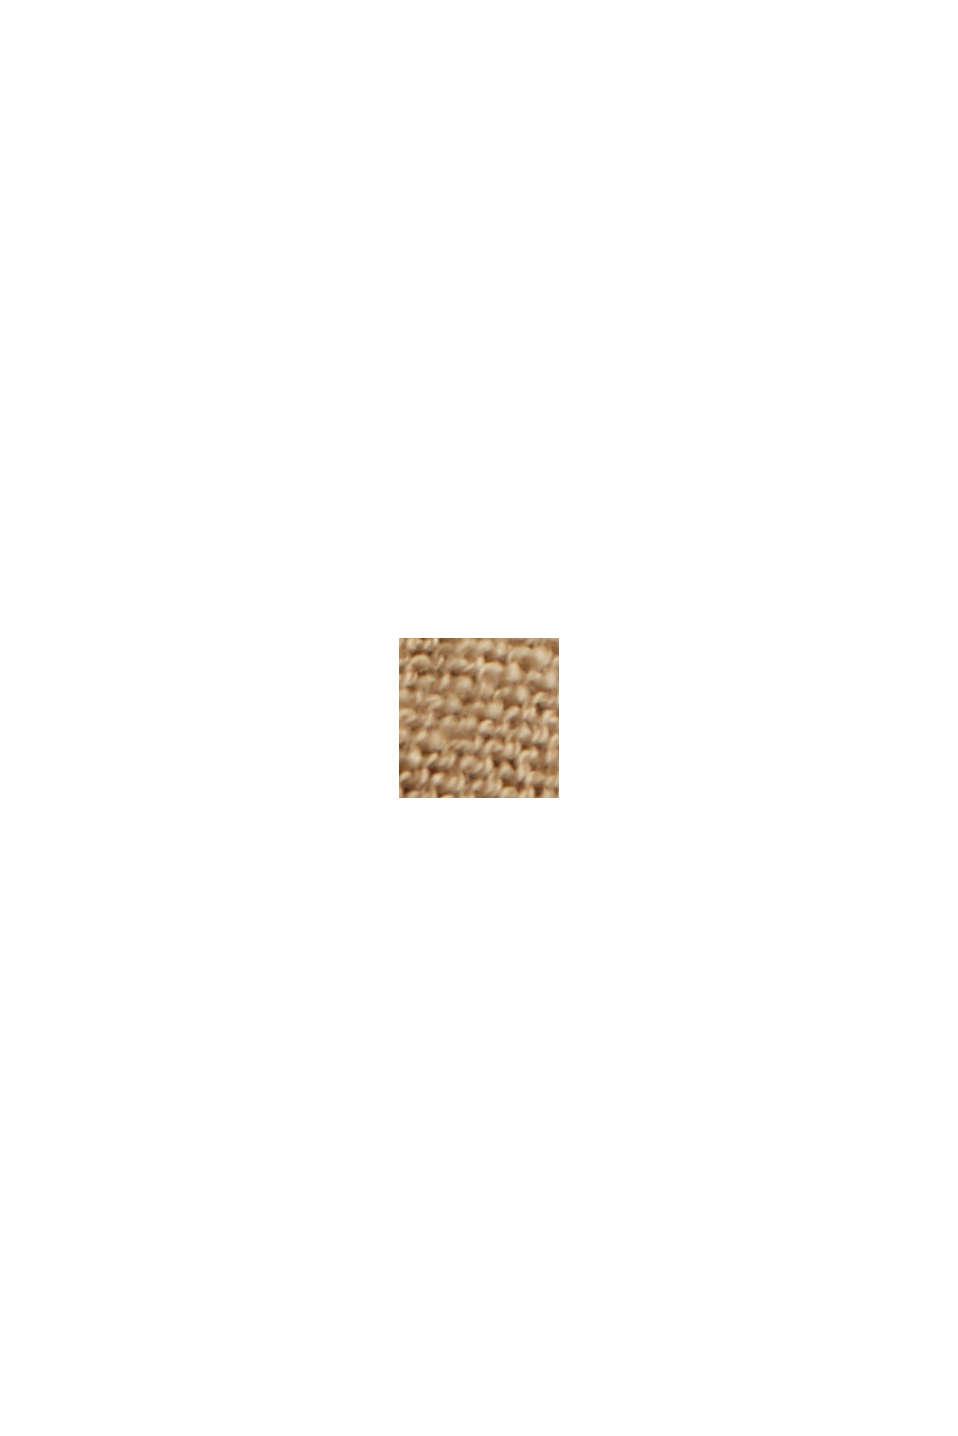 Pull-over à texture, 100% coton biologique, CAMEL, swatch